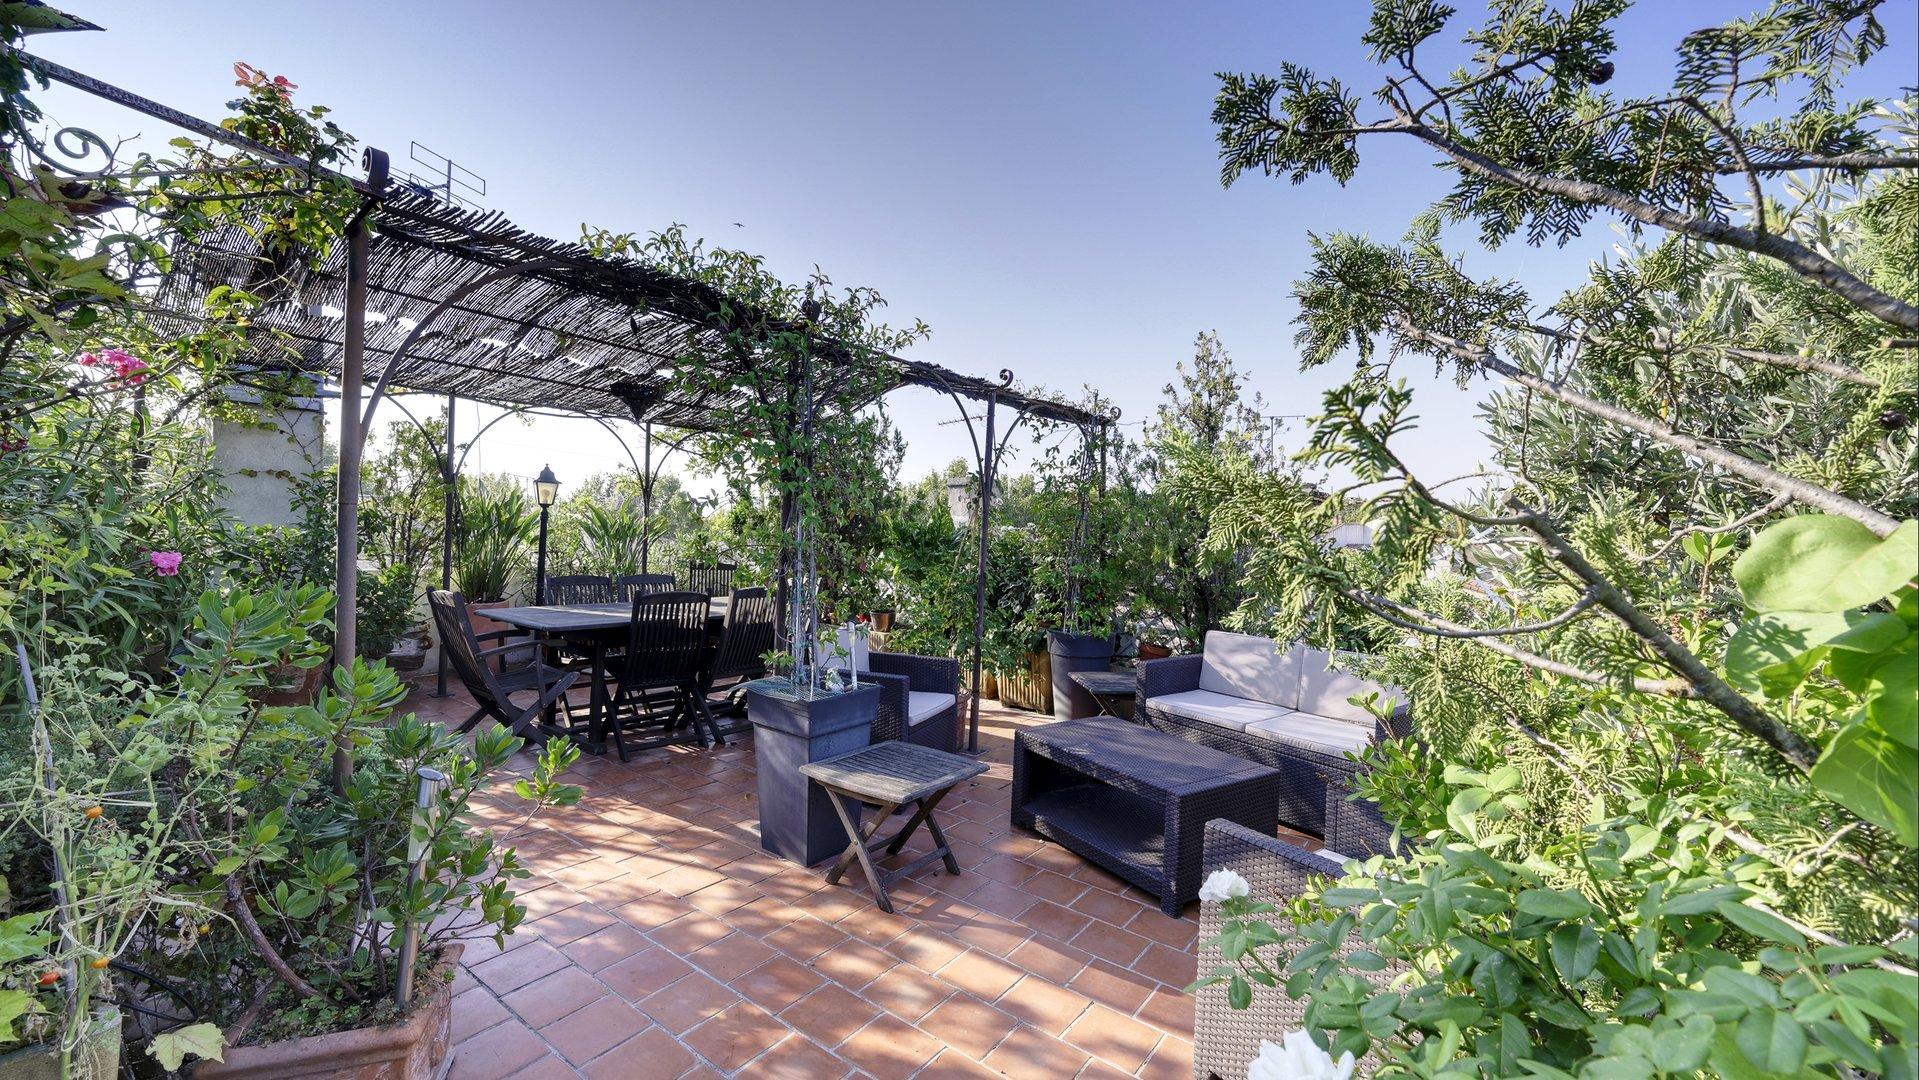 La Roquette - Maison bourgeoise avec terrasse